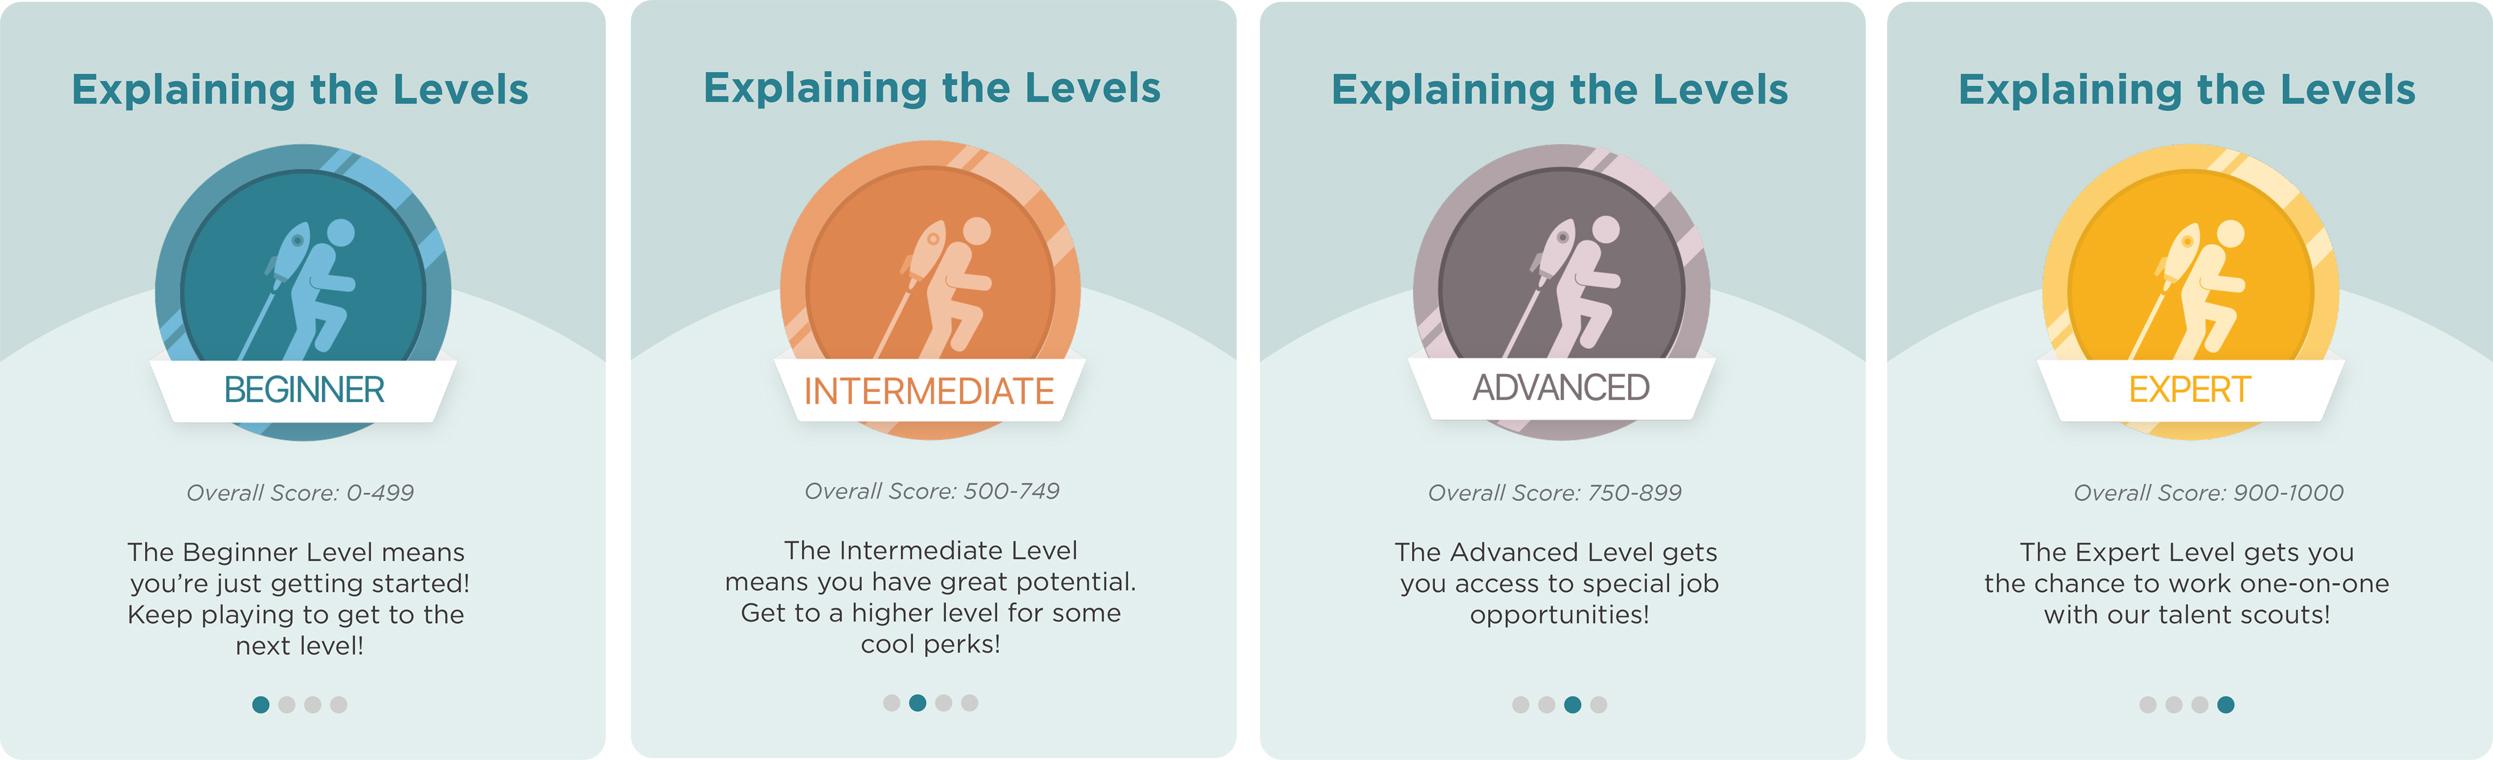 JobFlare 2.0 Level Explanation